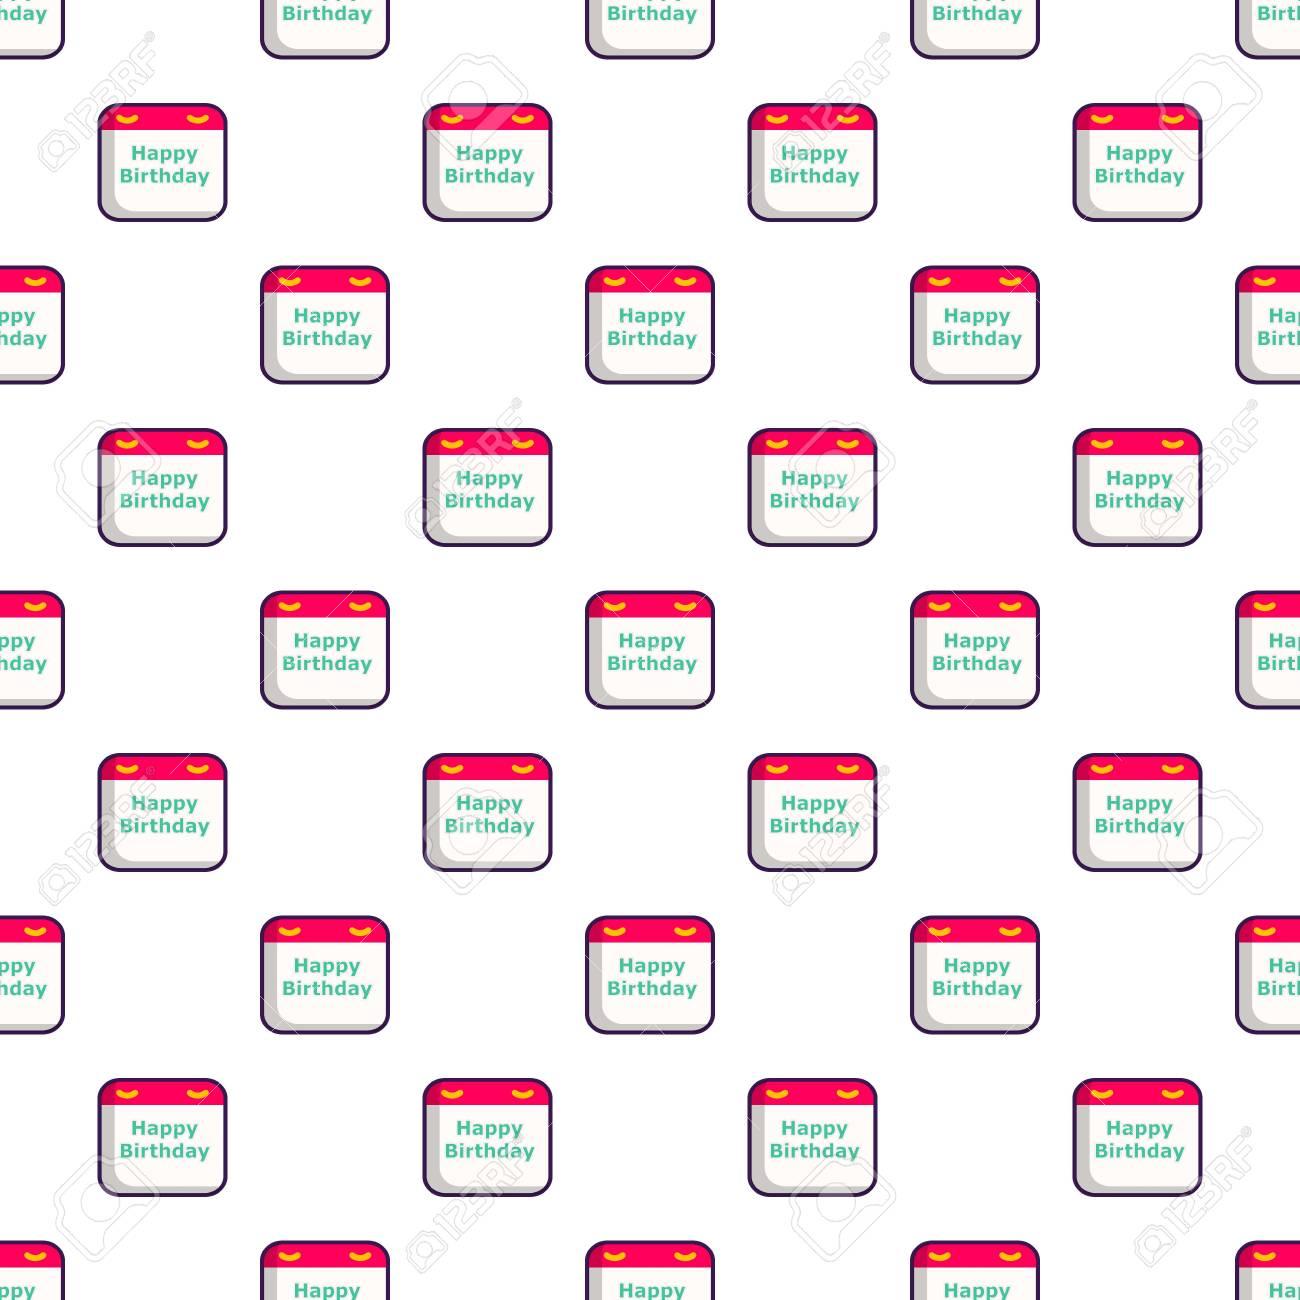 Modele De Calendrier D Anniversaire Clip Art Libres De Droits Vecteurs Et Illustration Image 82747050